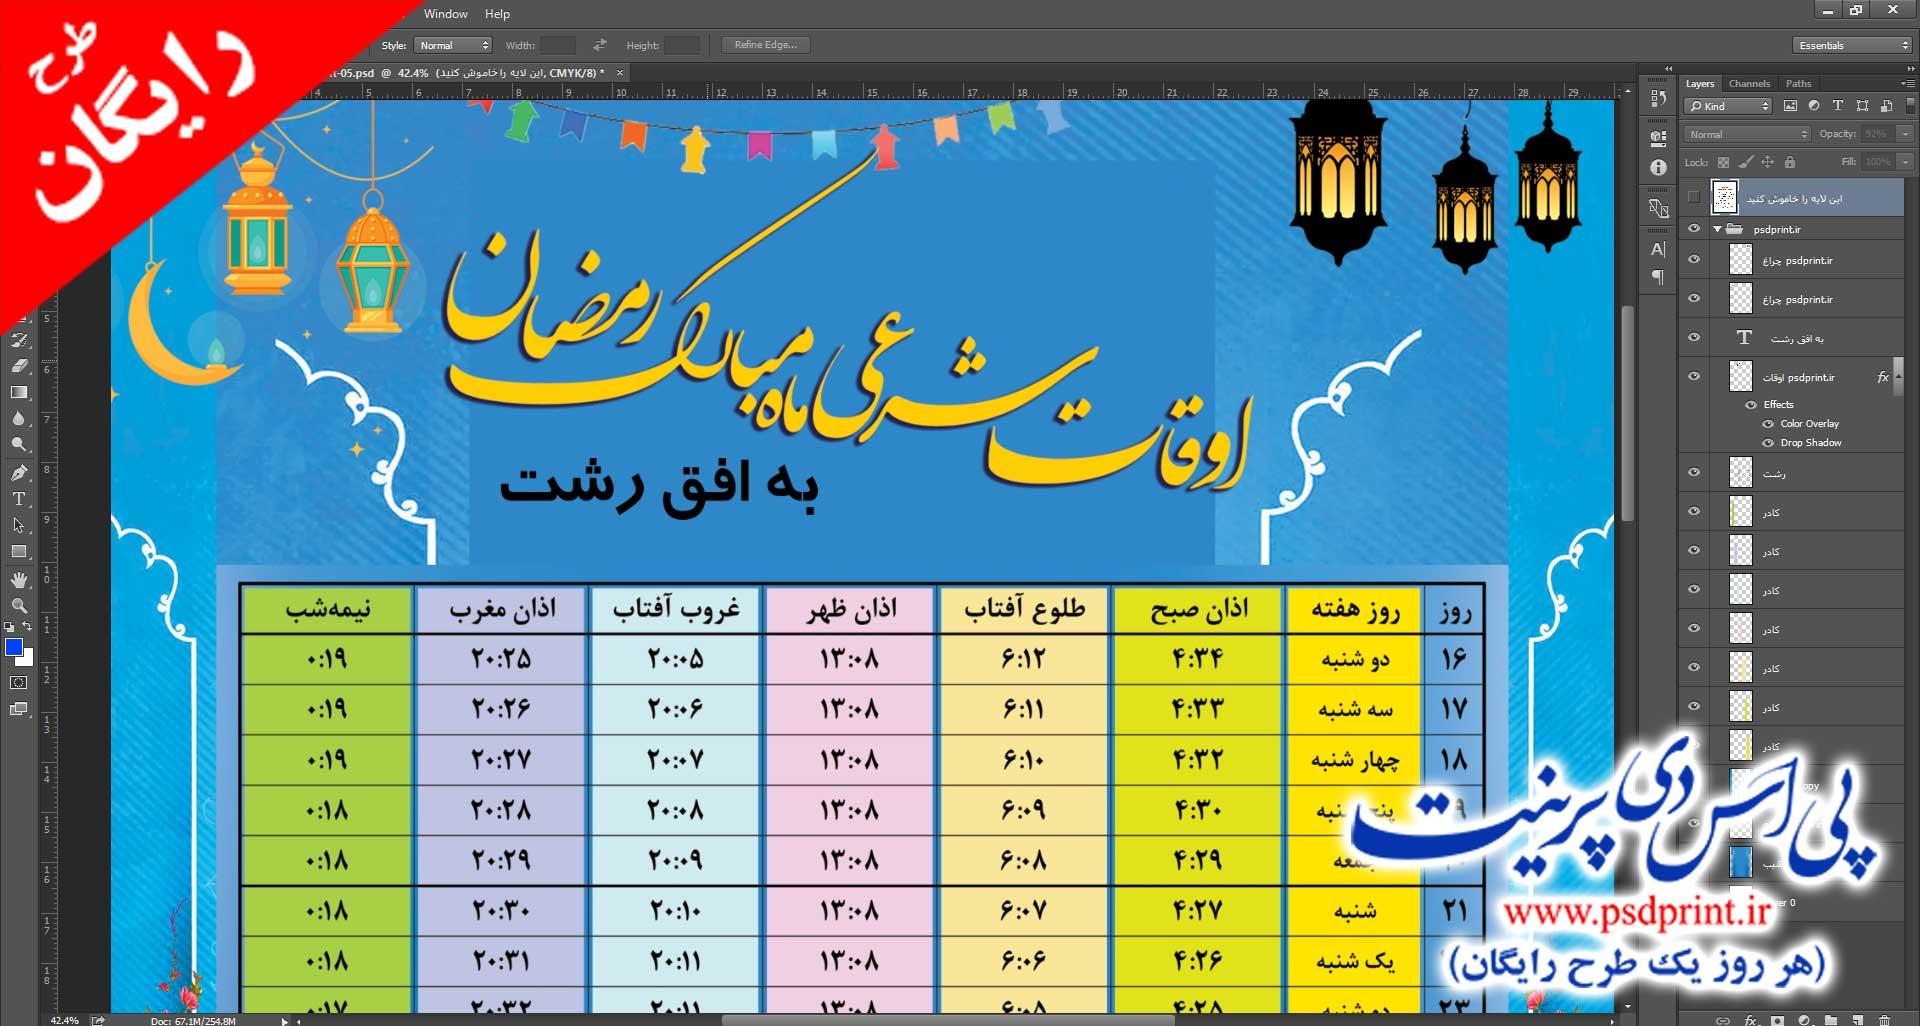 بنر لایه باز اوقات شرعی ماه مبارک رمضان